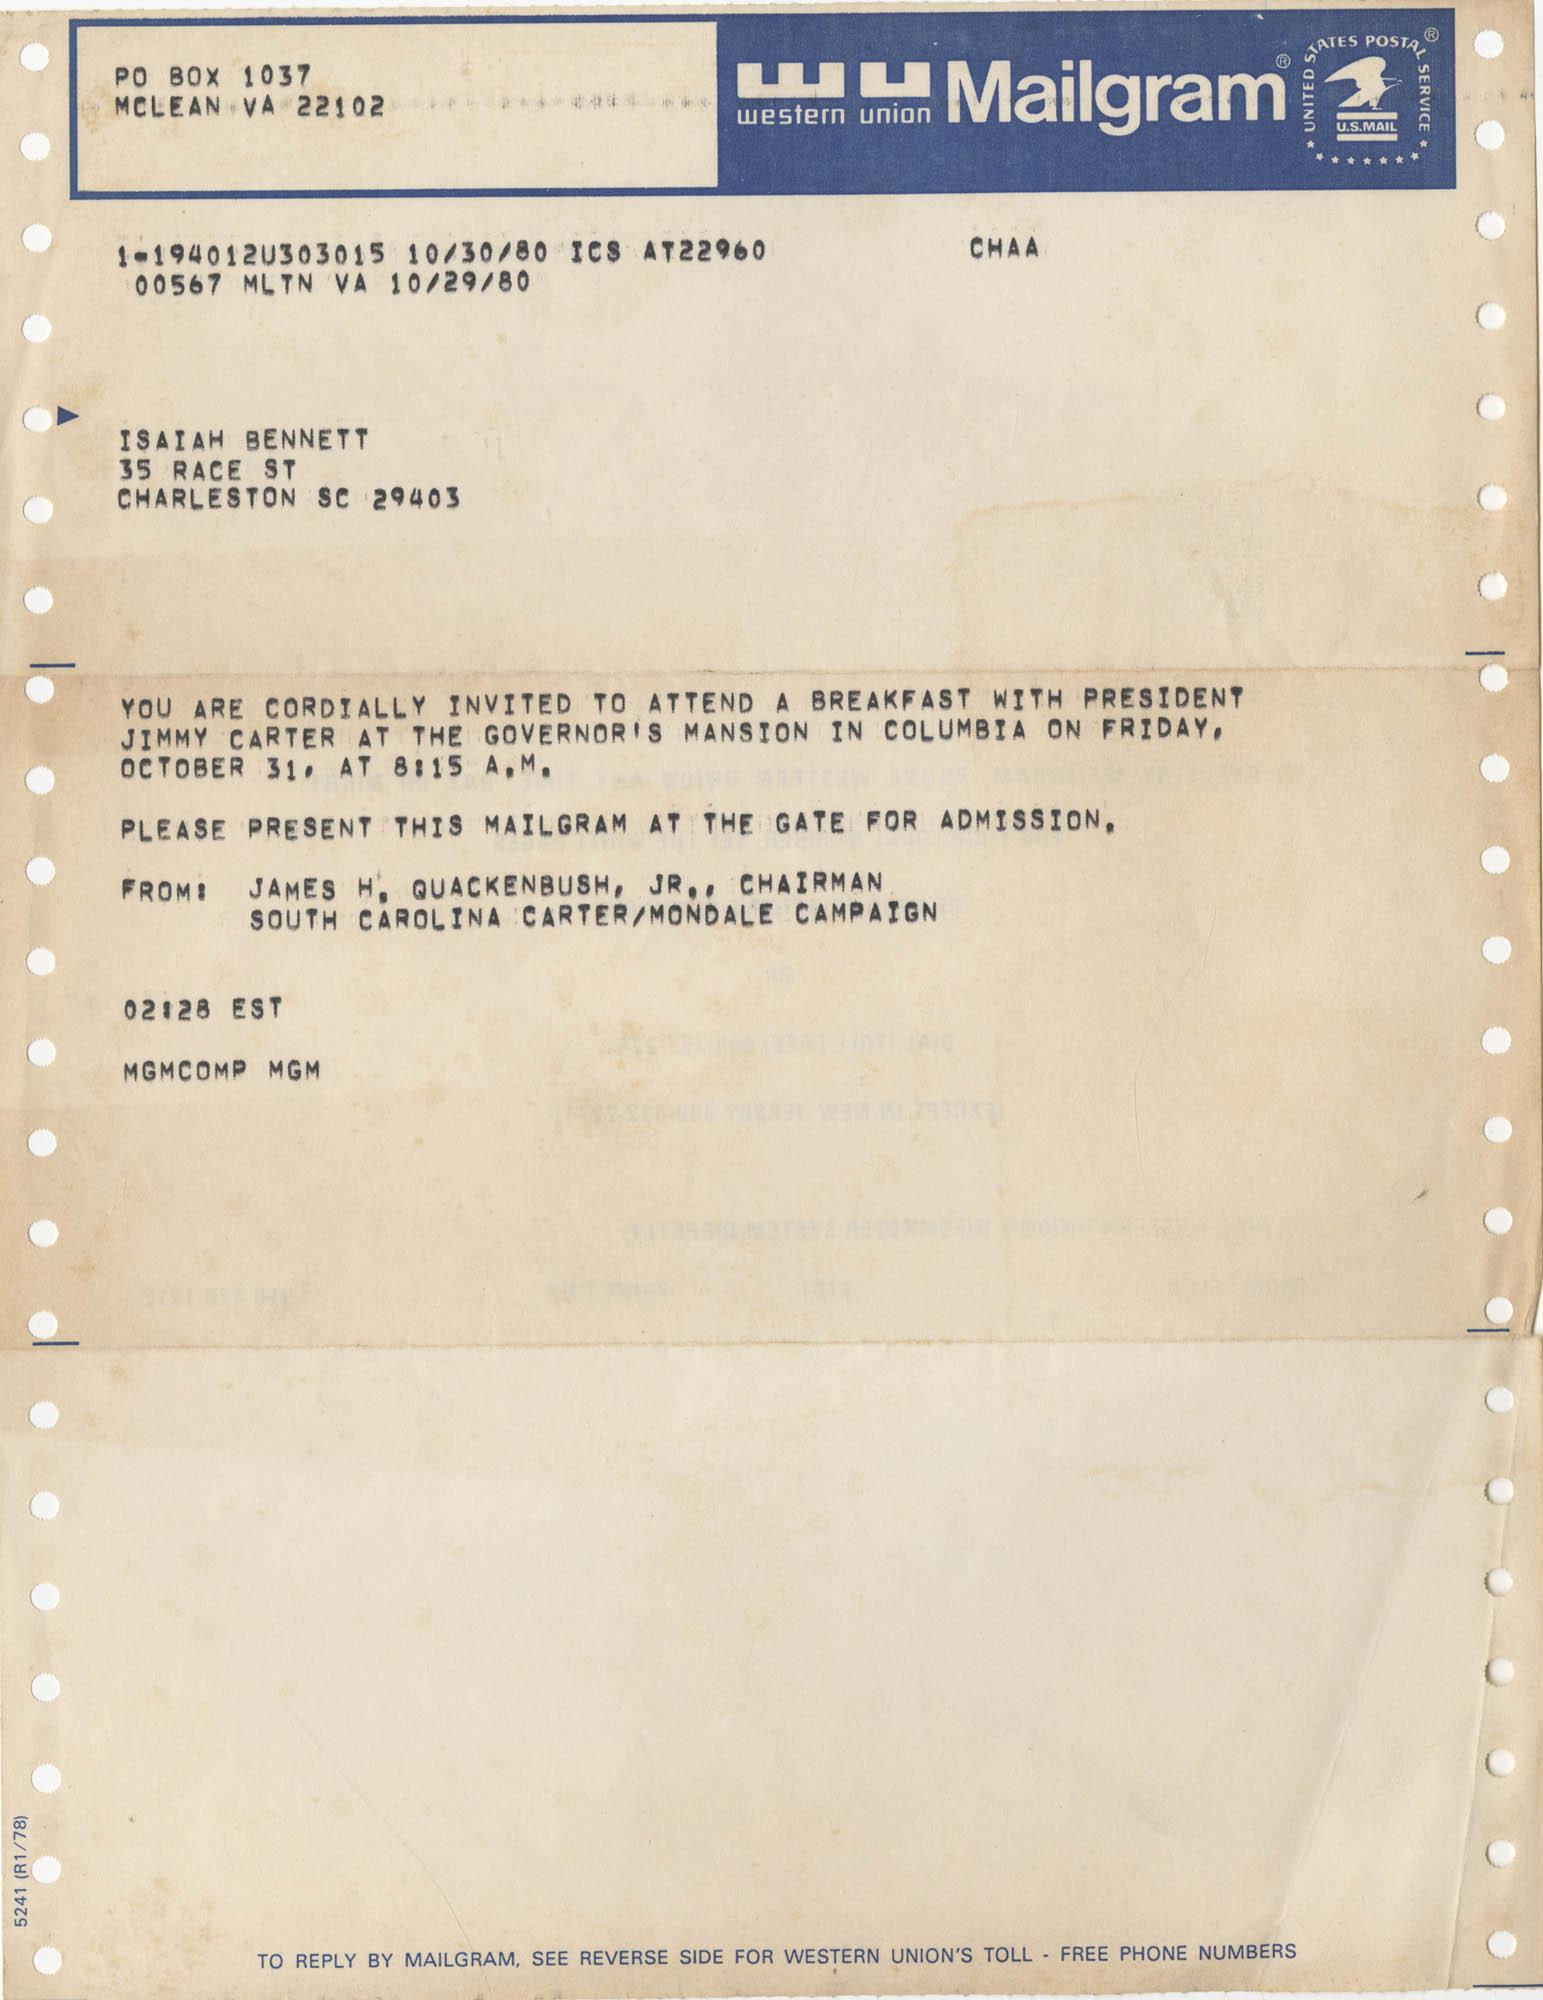 Telegram from James H. Quakenbush, Jr. to Isaiah Bennett, October 29, 1980